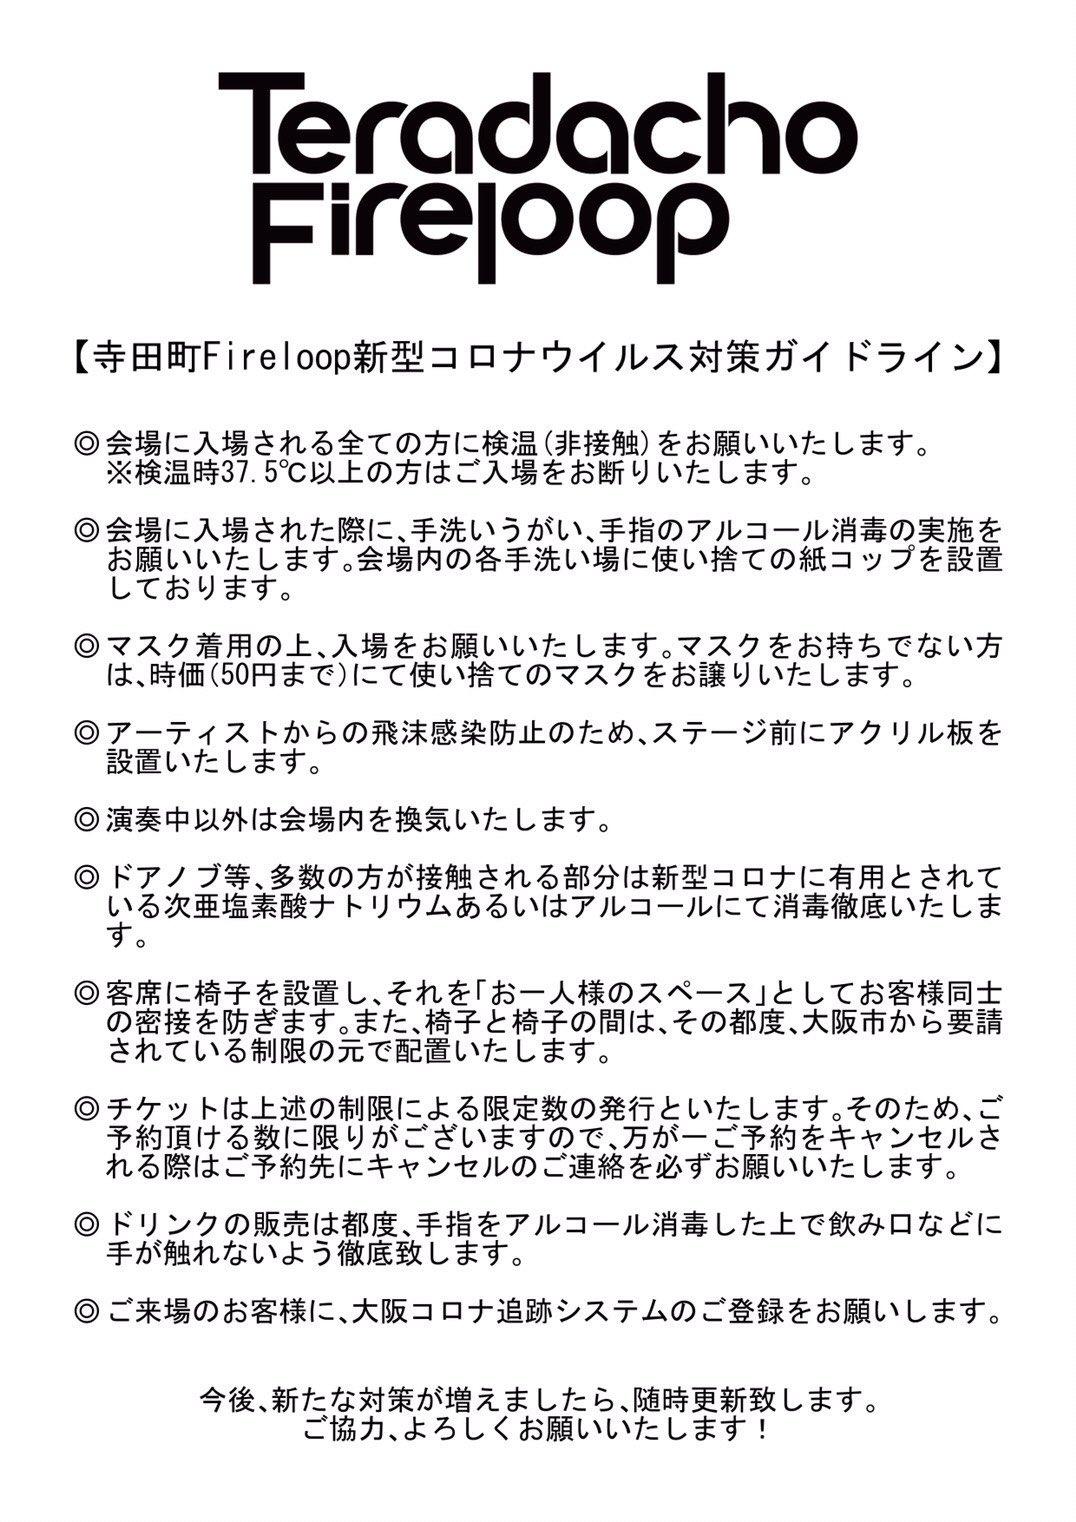 Fireloop